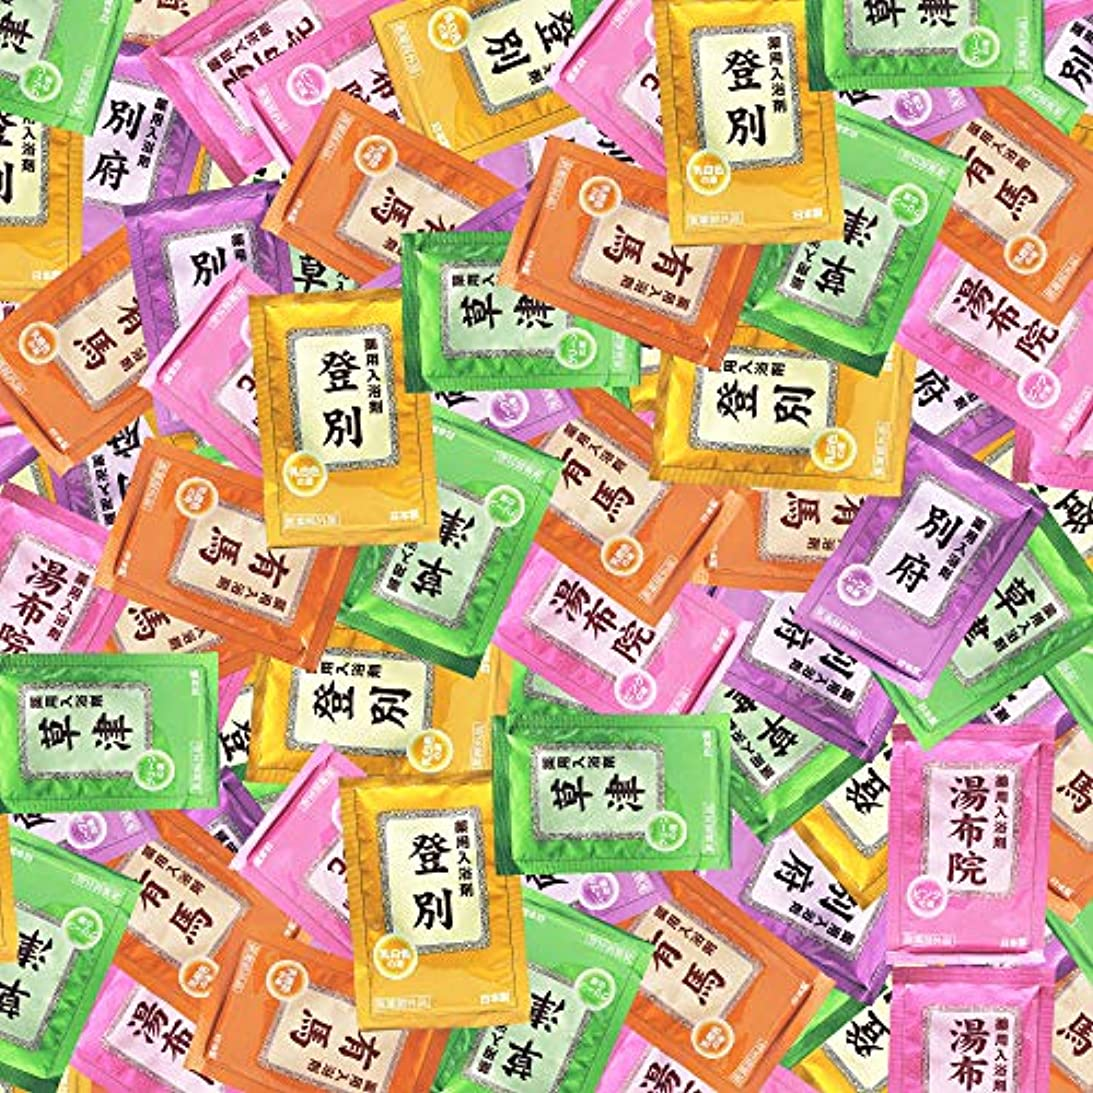 ボールピッチャー政令入浴剤 ギフト プレゼント 湯宿めぐり 5種類 (200袋)セット